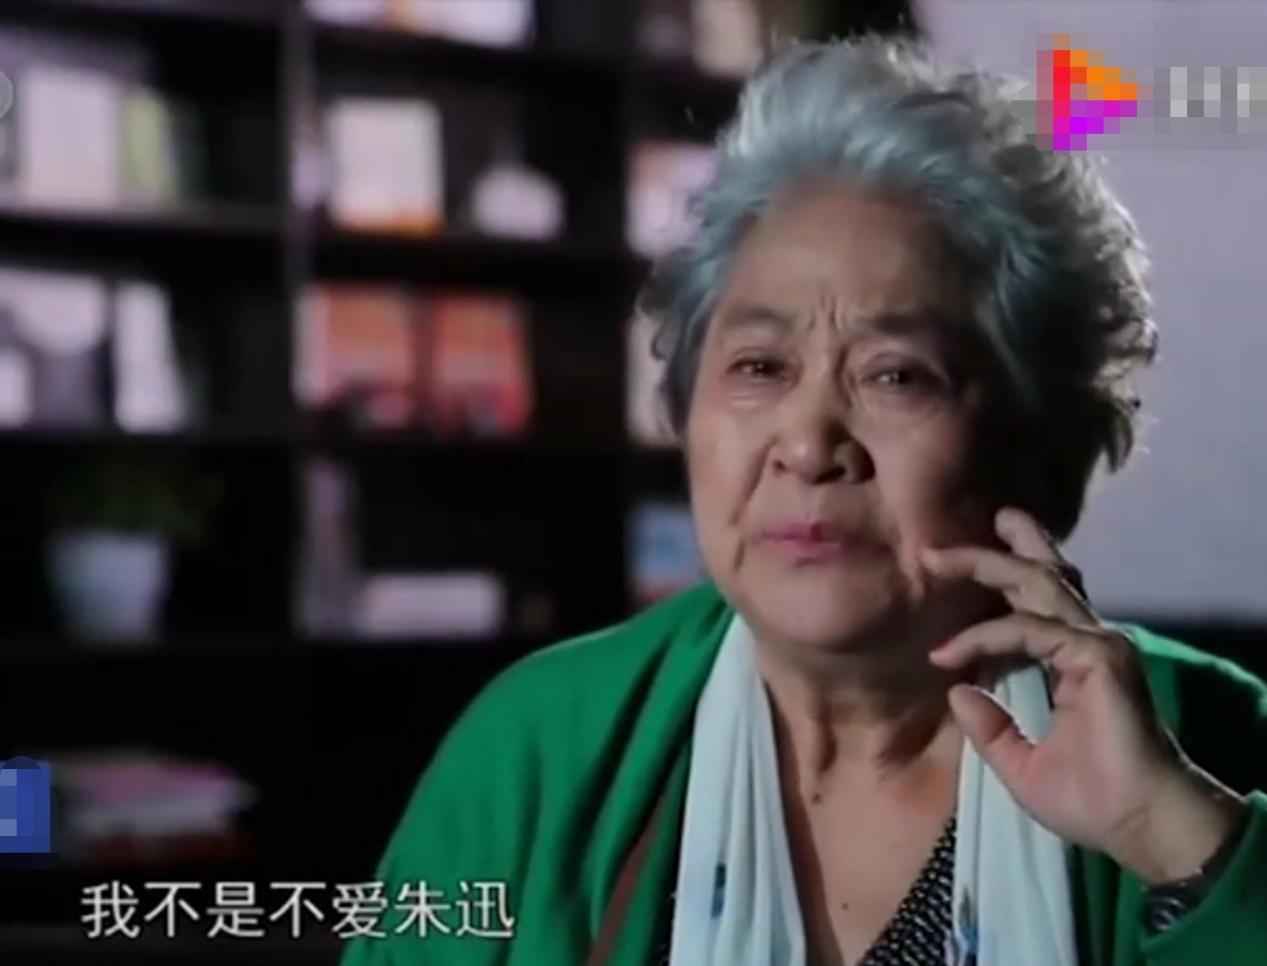 朱迅崩溃哭喊妈妈回家吧,84岁母亲国外独居多年,母女心结难解